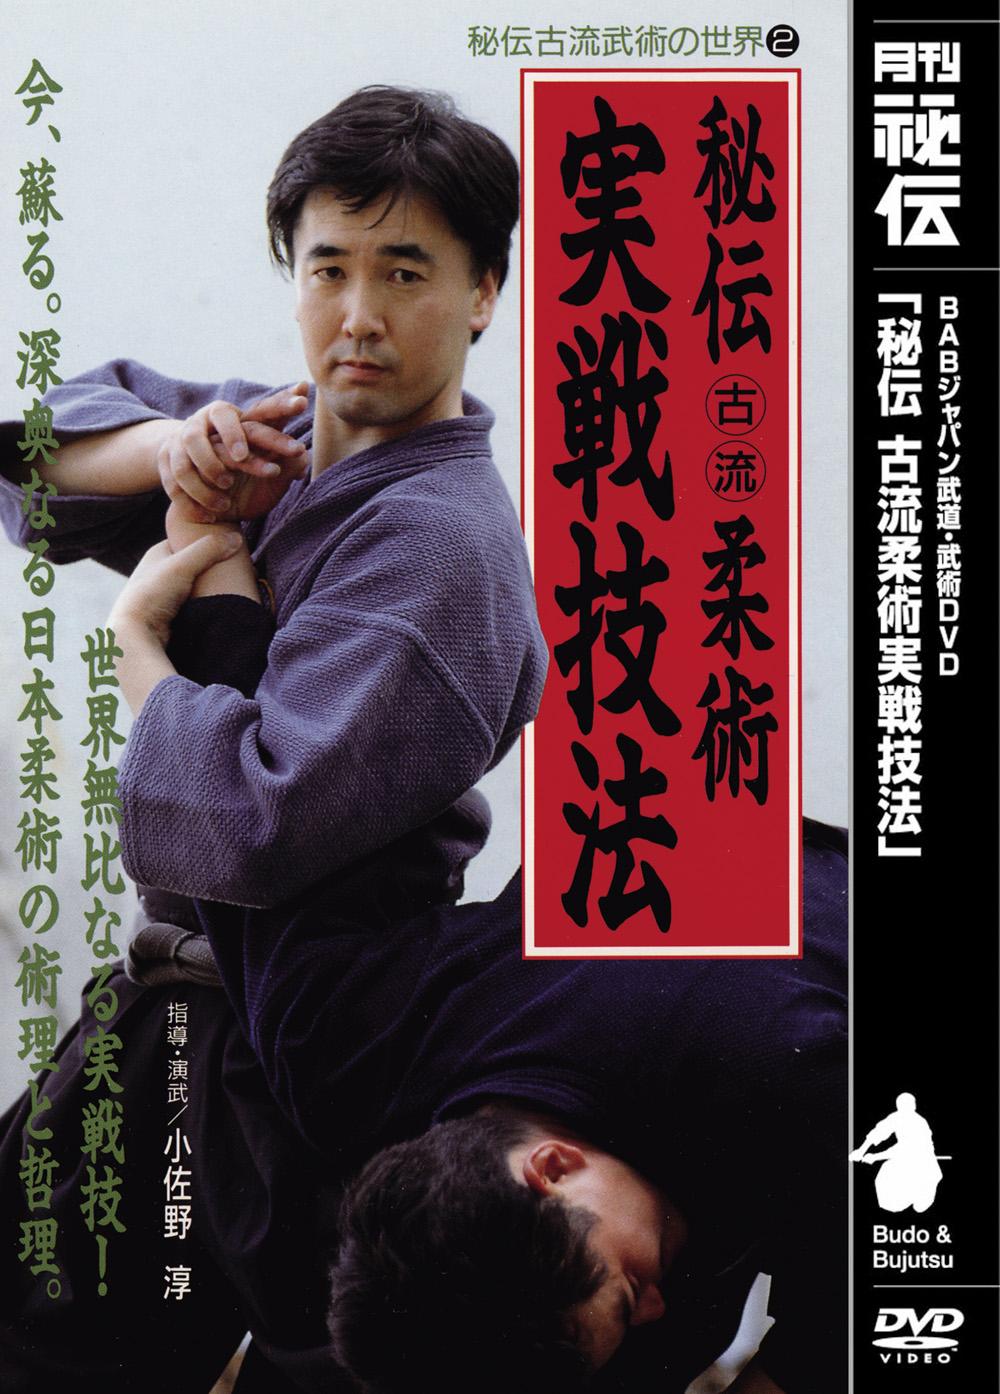 DVD 秘伝 古流柔術実戦技法